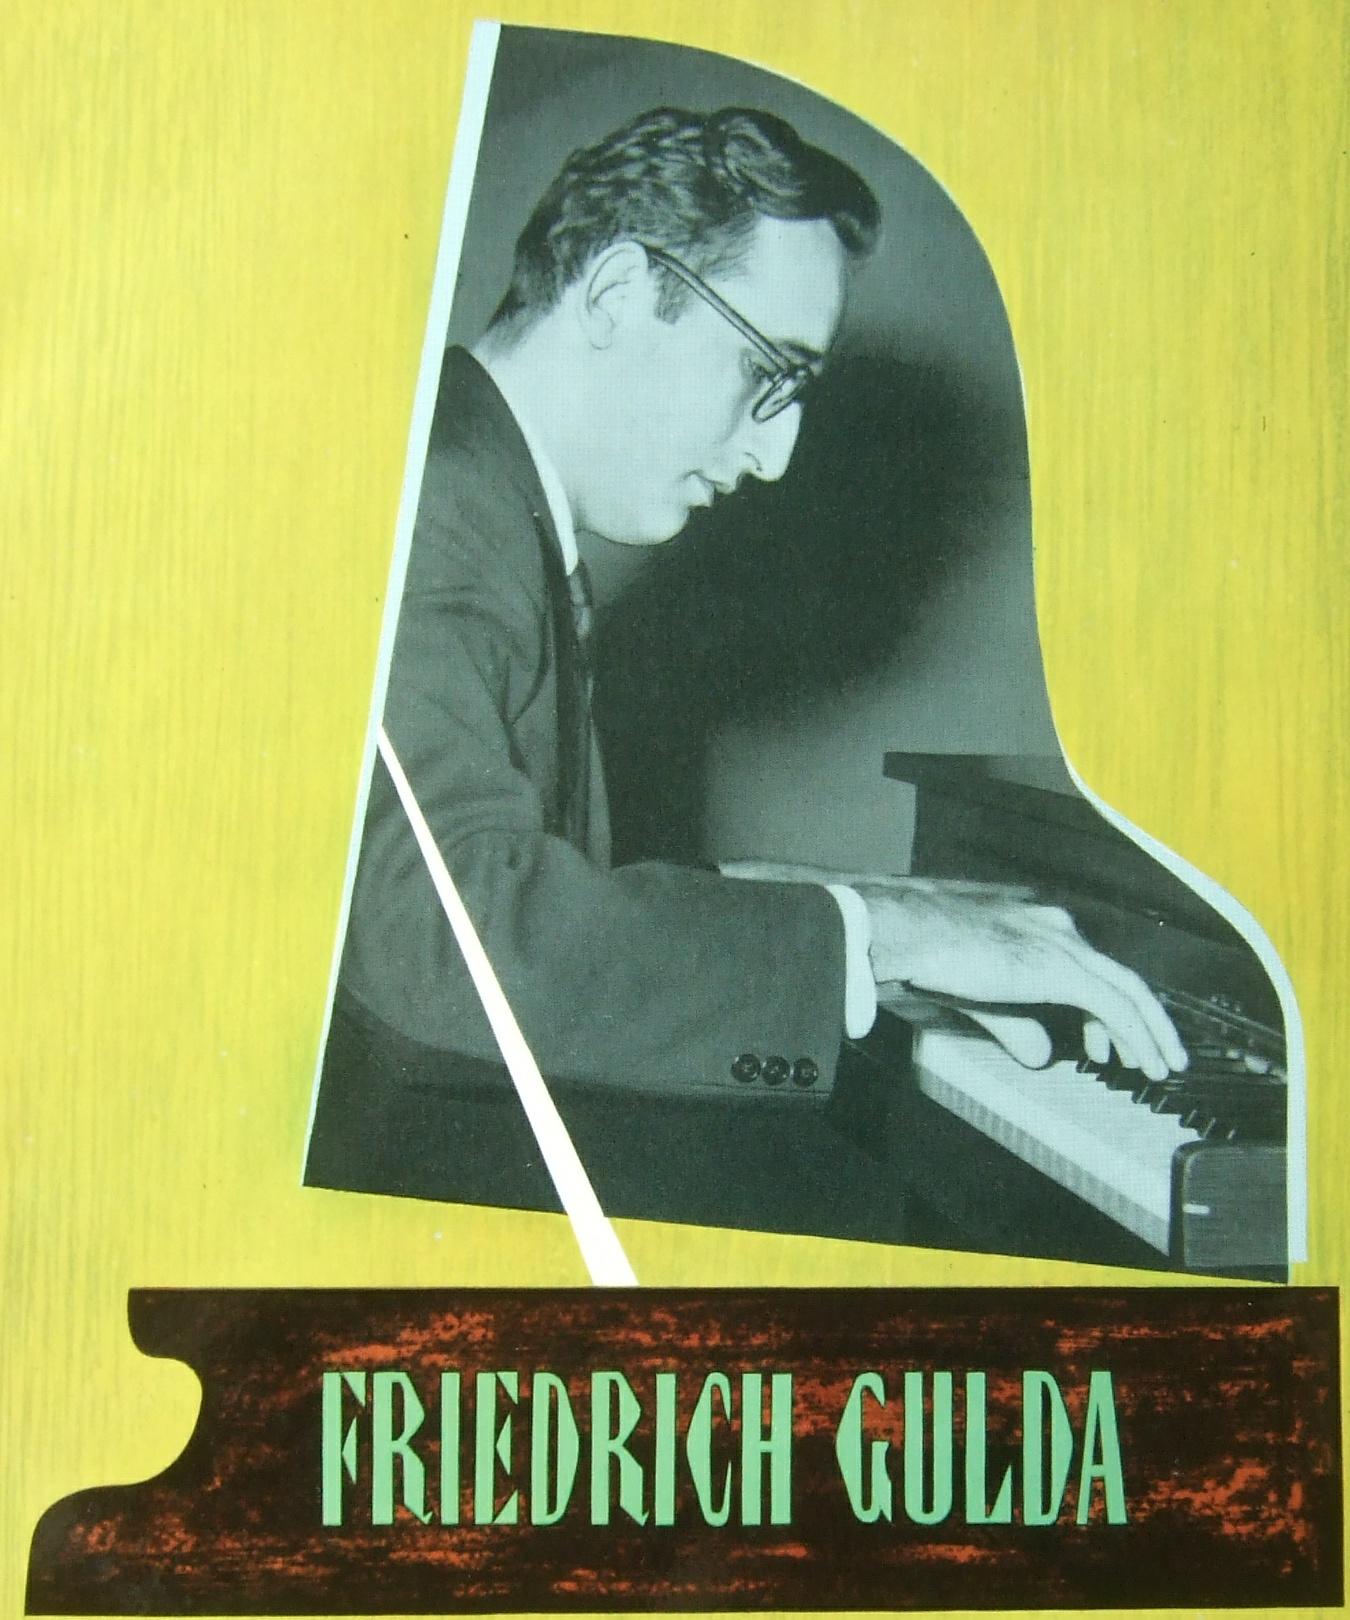 Le jeune Friedrich GULDA, extrait de la pochette du disque Decca LXT 5280, cliquer pour une vue agrandie